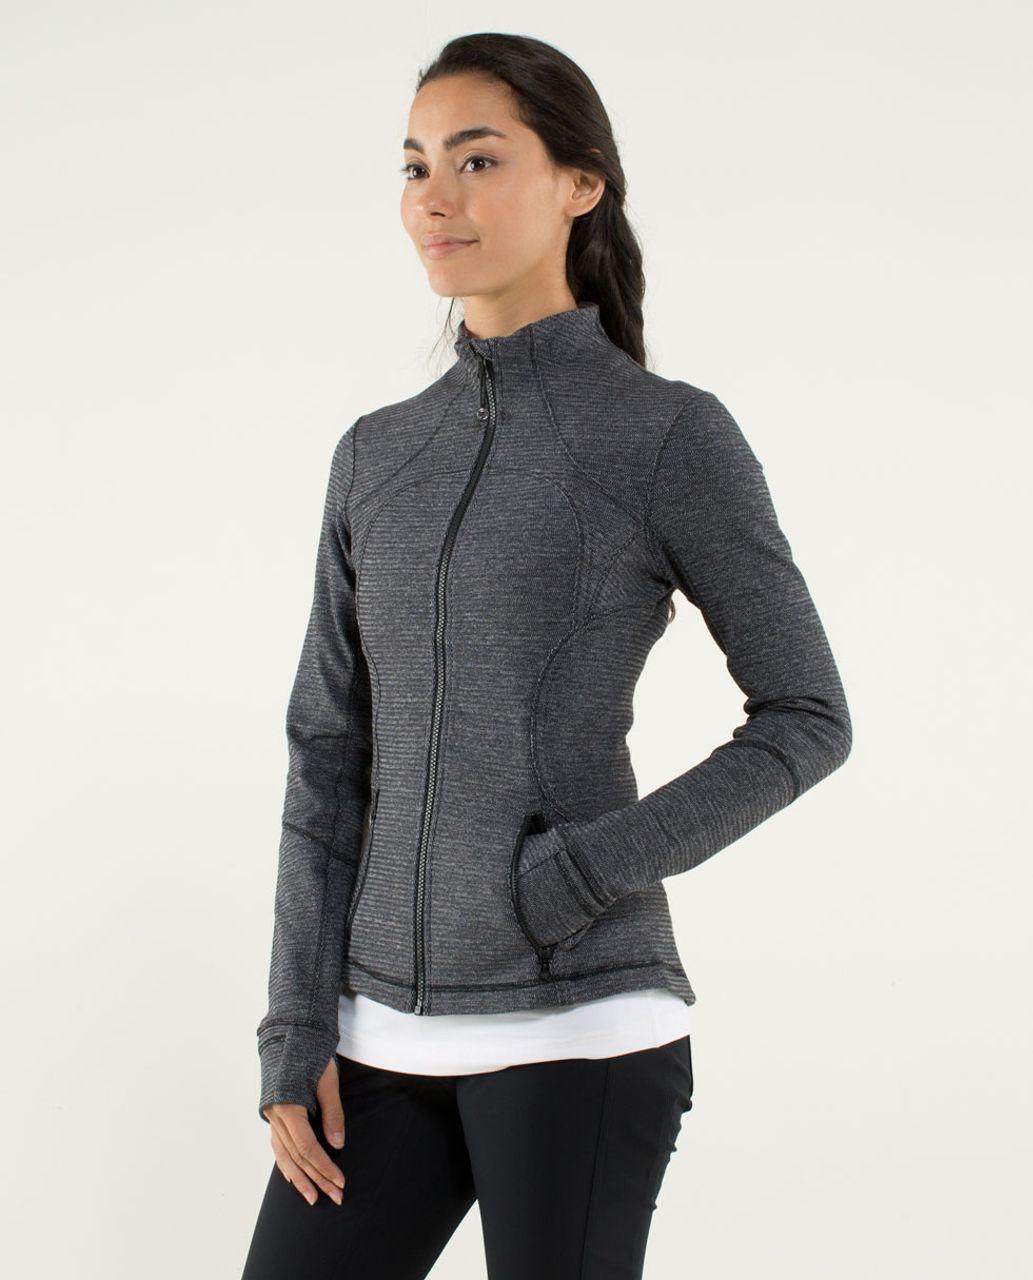 Lululemon Forme Jacket II *Textured - Black / Deep Coal